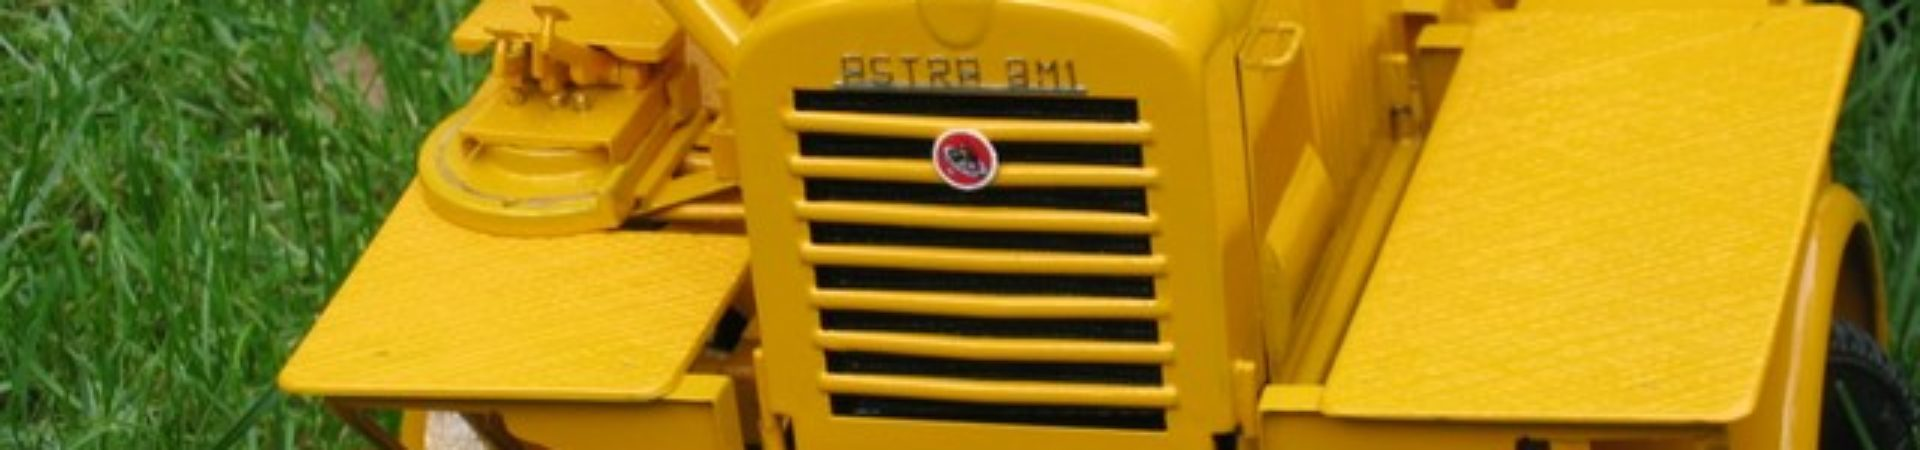 ASTRA-BM1--comp-04